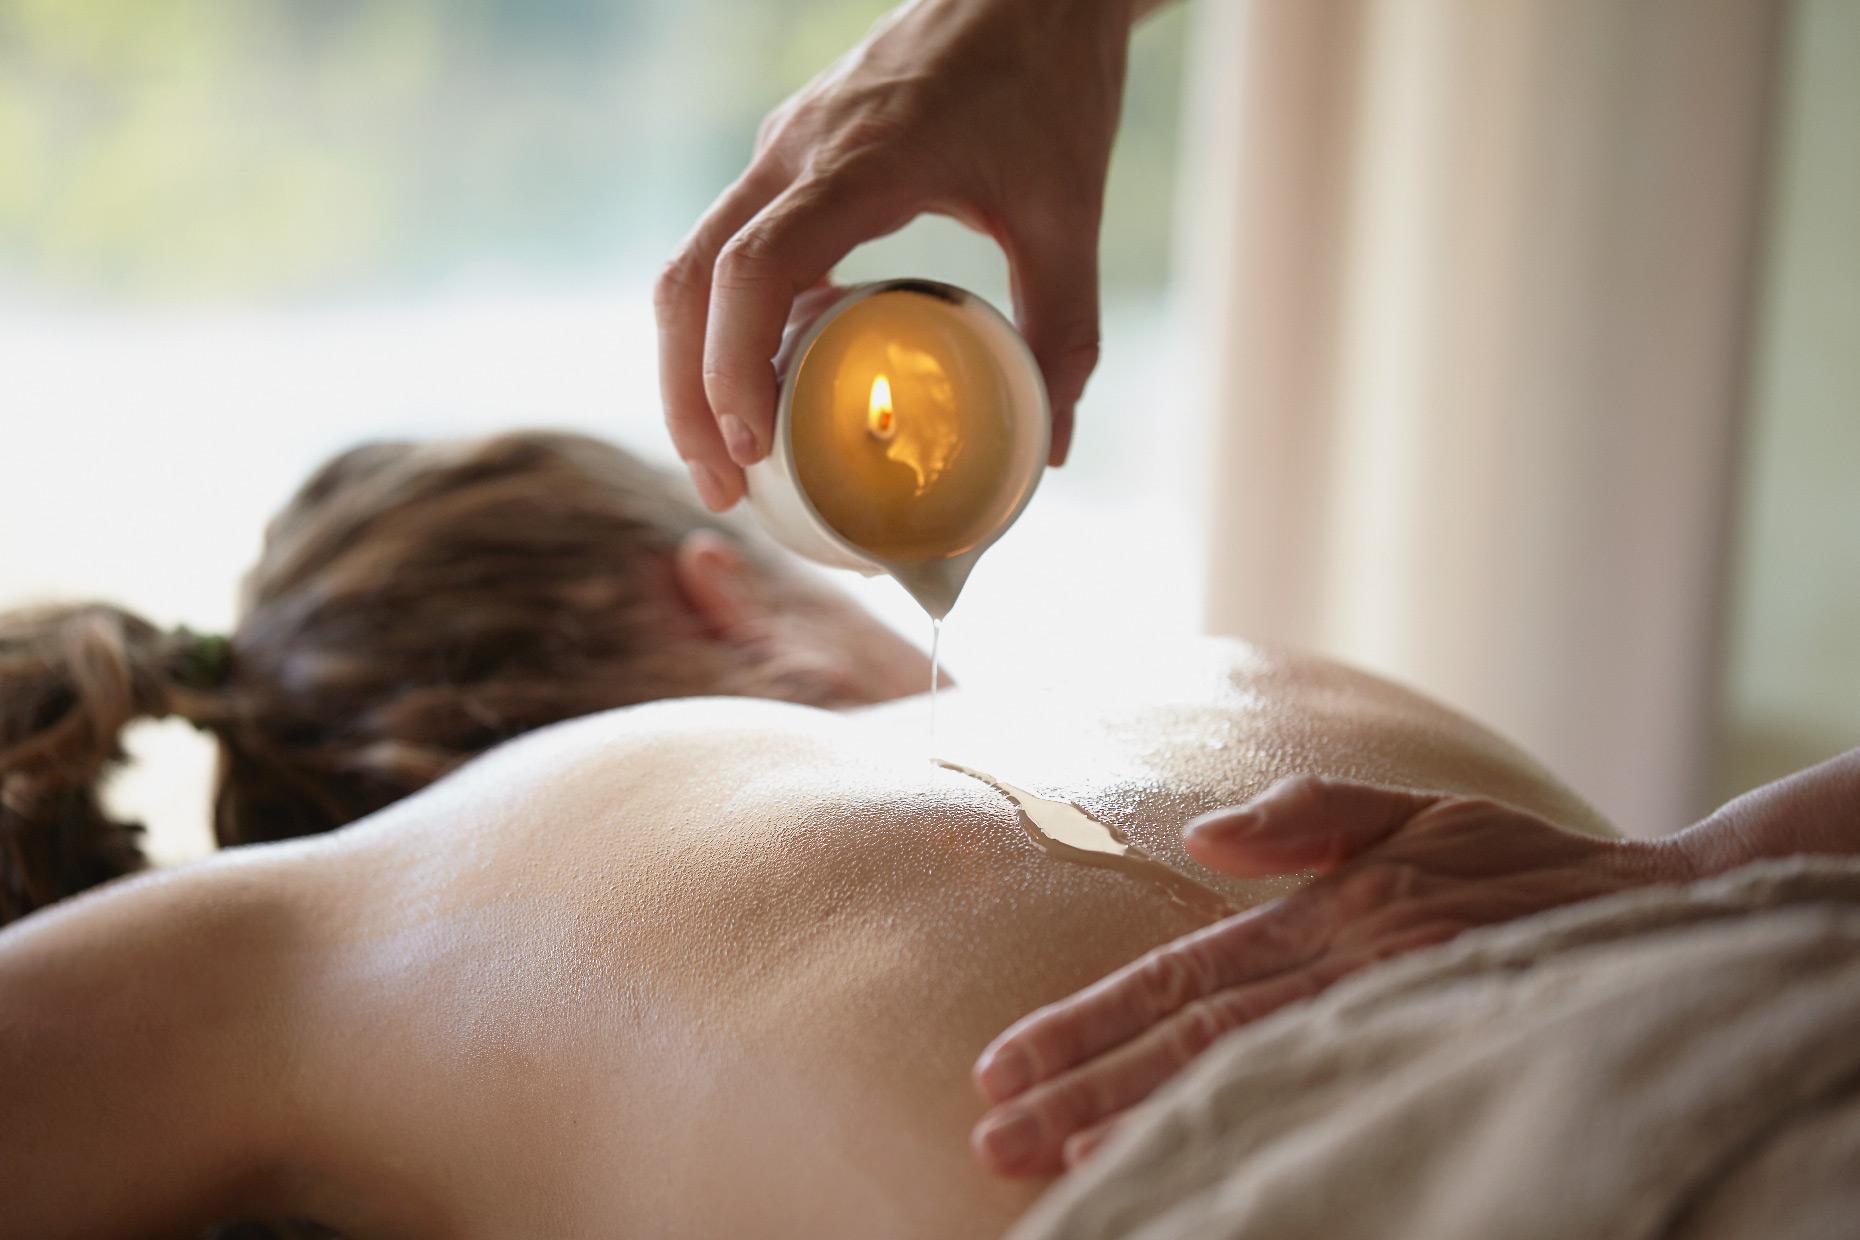 Stacey Van Berkel Photography I Wax treatment at Il Borro Spa I Tuscany, Italy